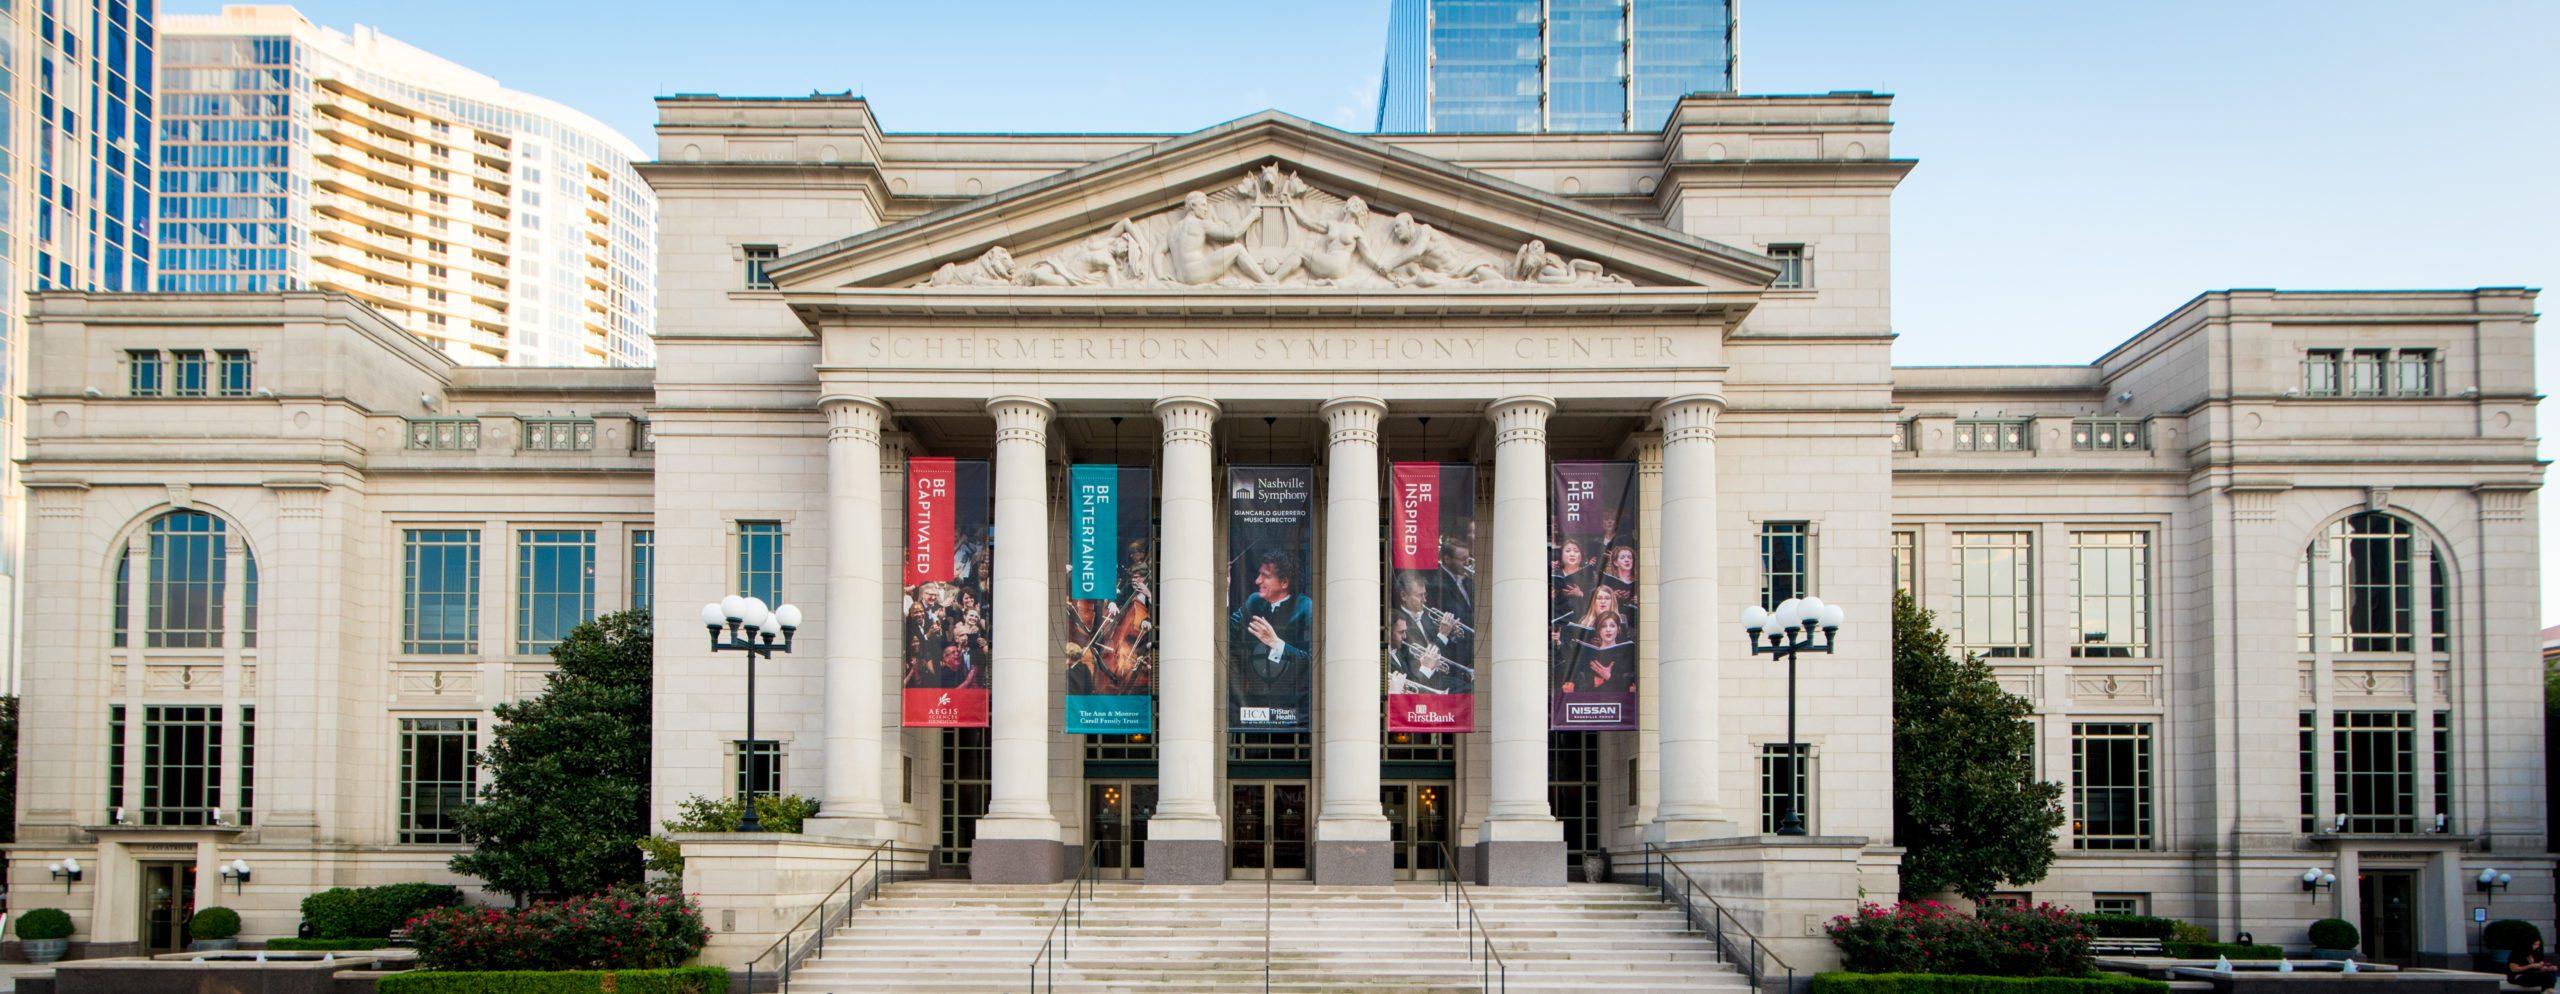 Schermerhorn Symphony Center-CVB